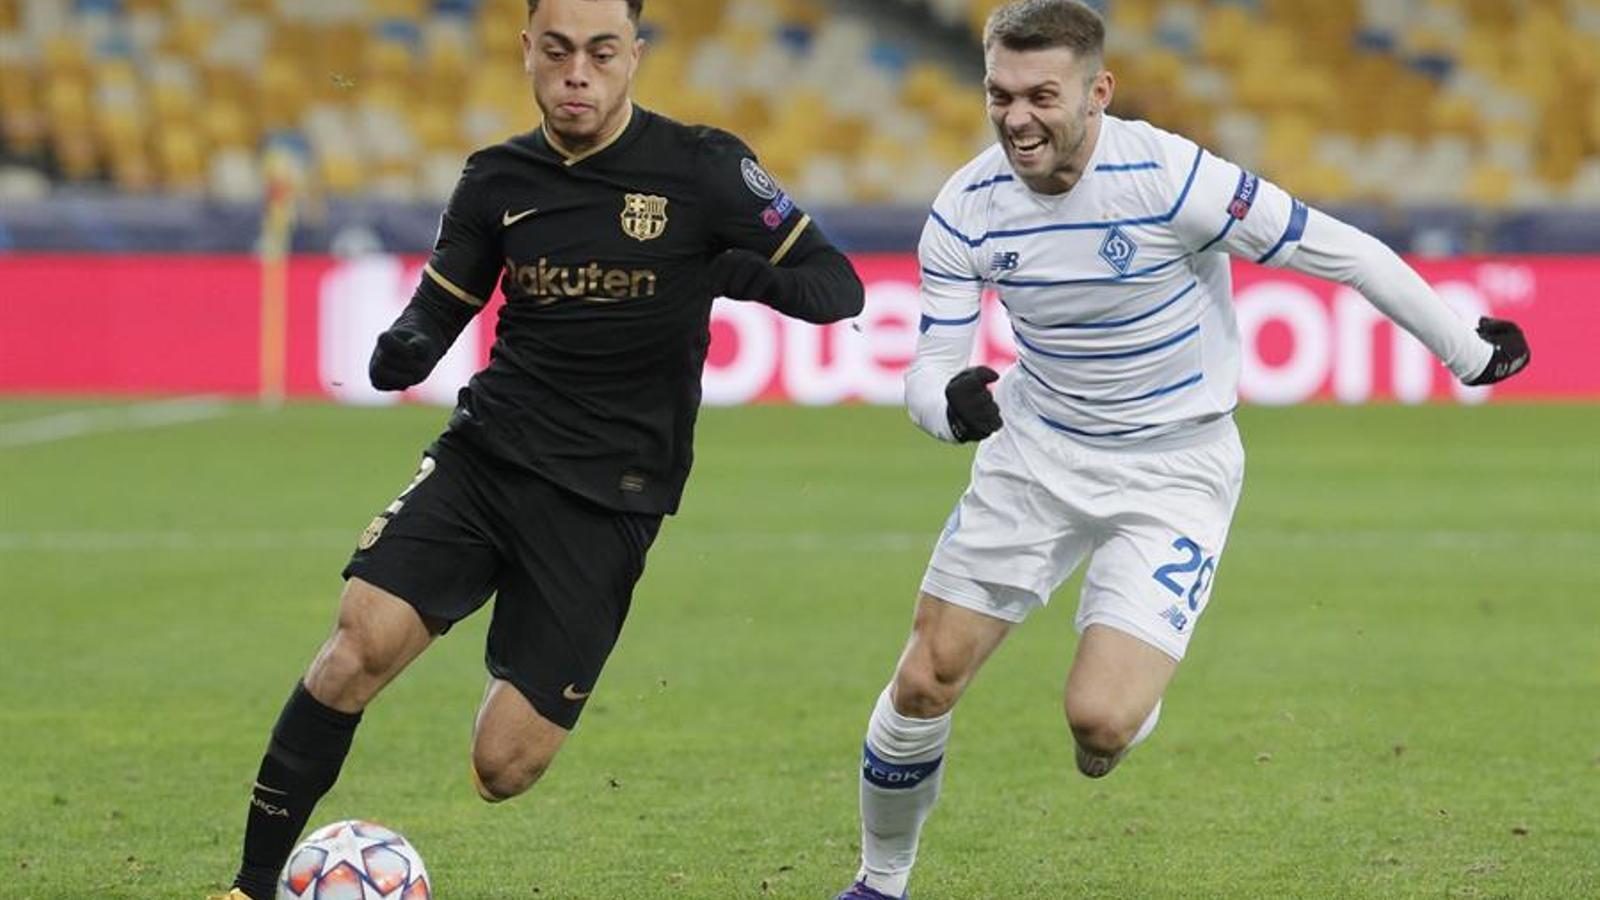 Els jovenets alegren la cara del Barça (0-4)